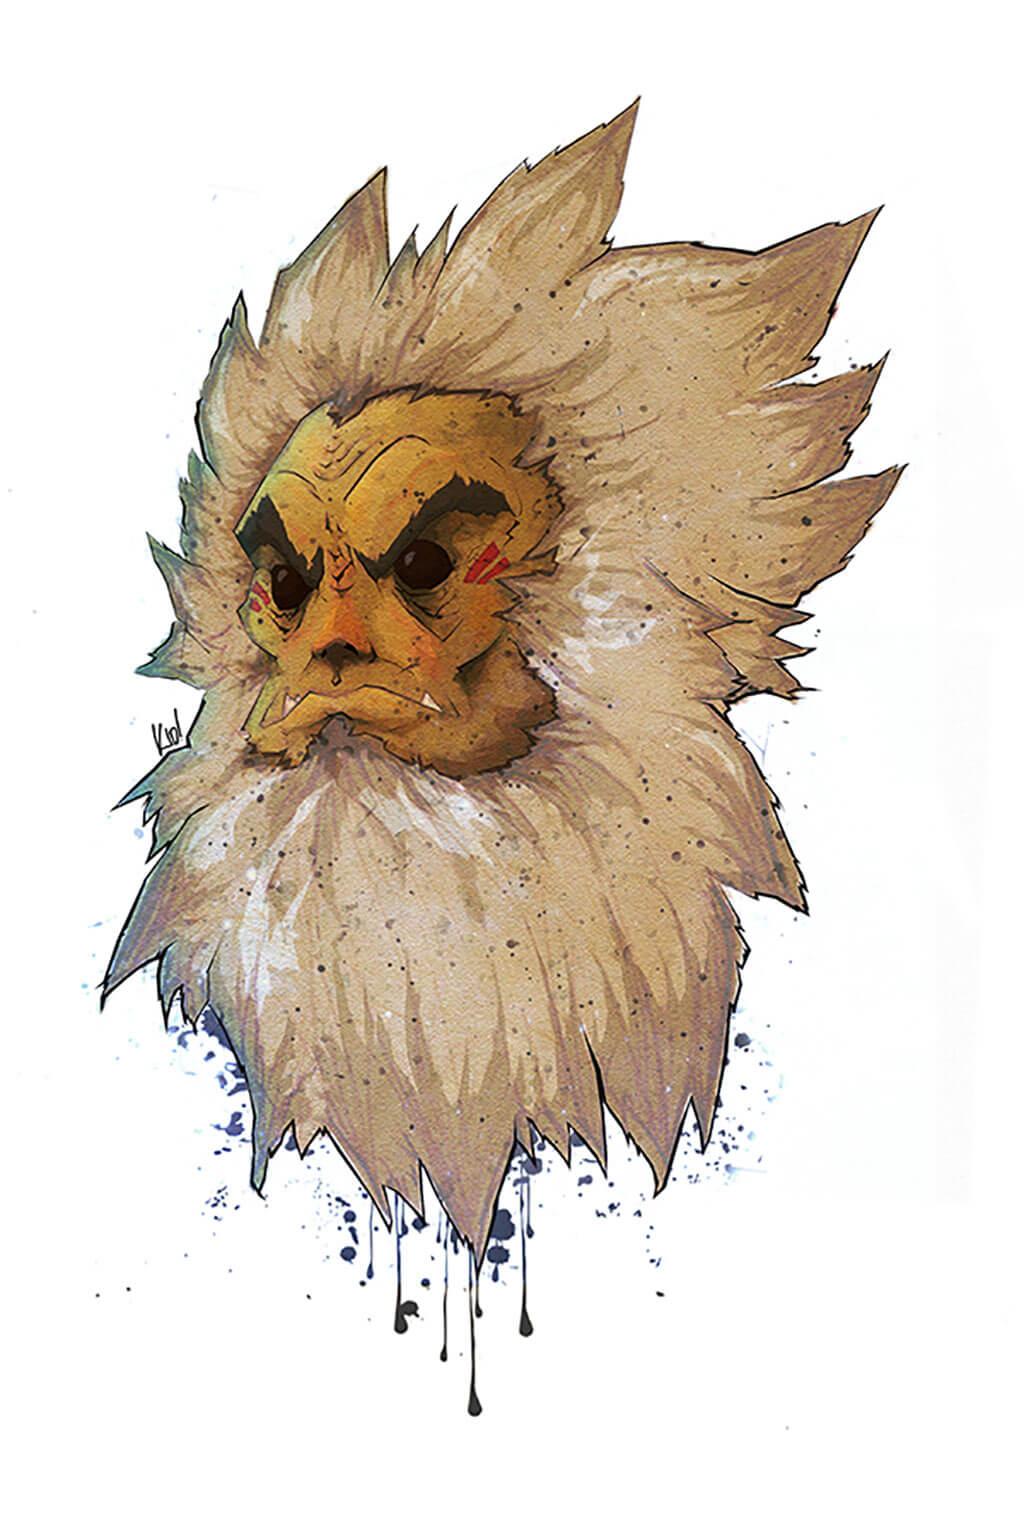 Zelda Fan Art by RC Johnson